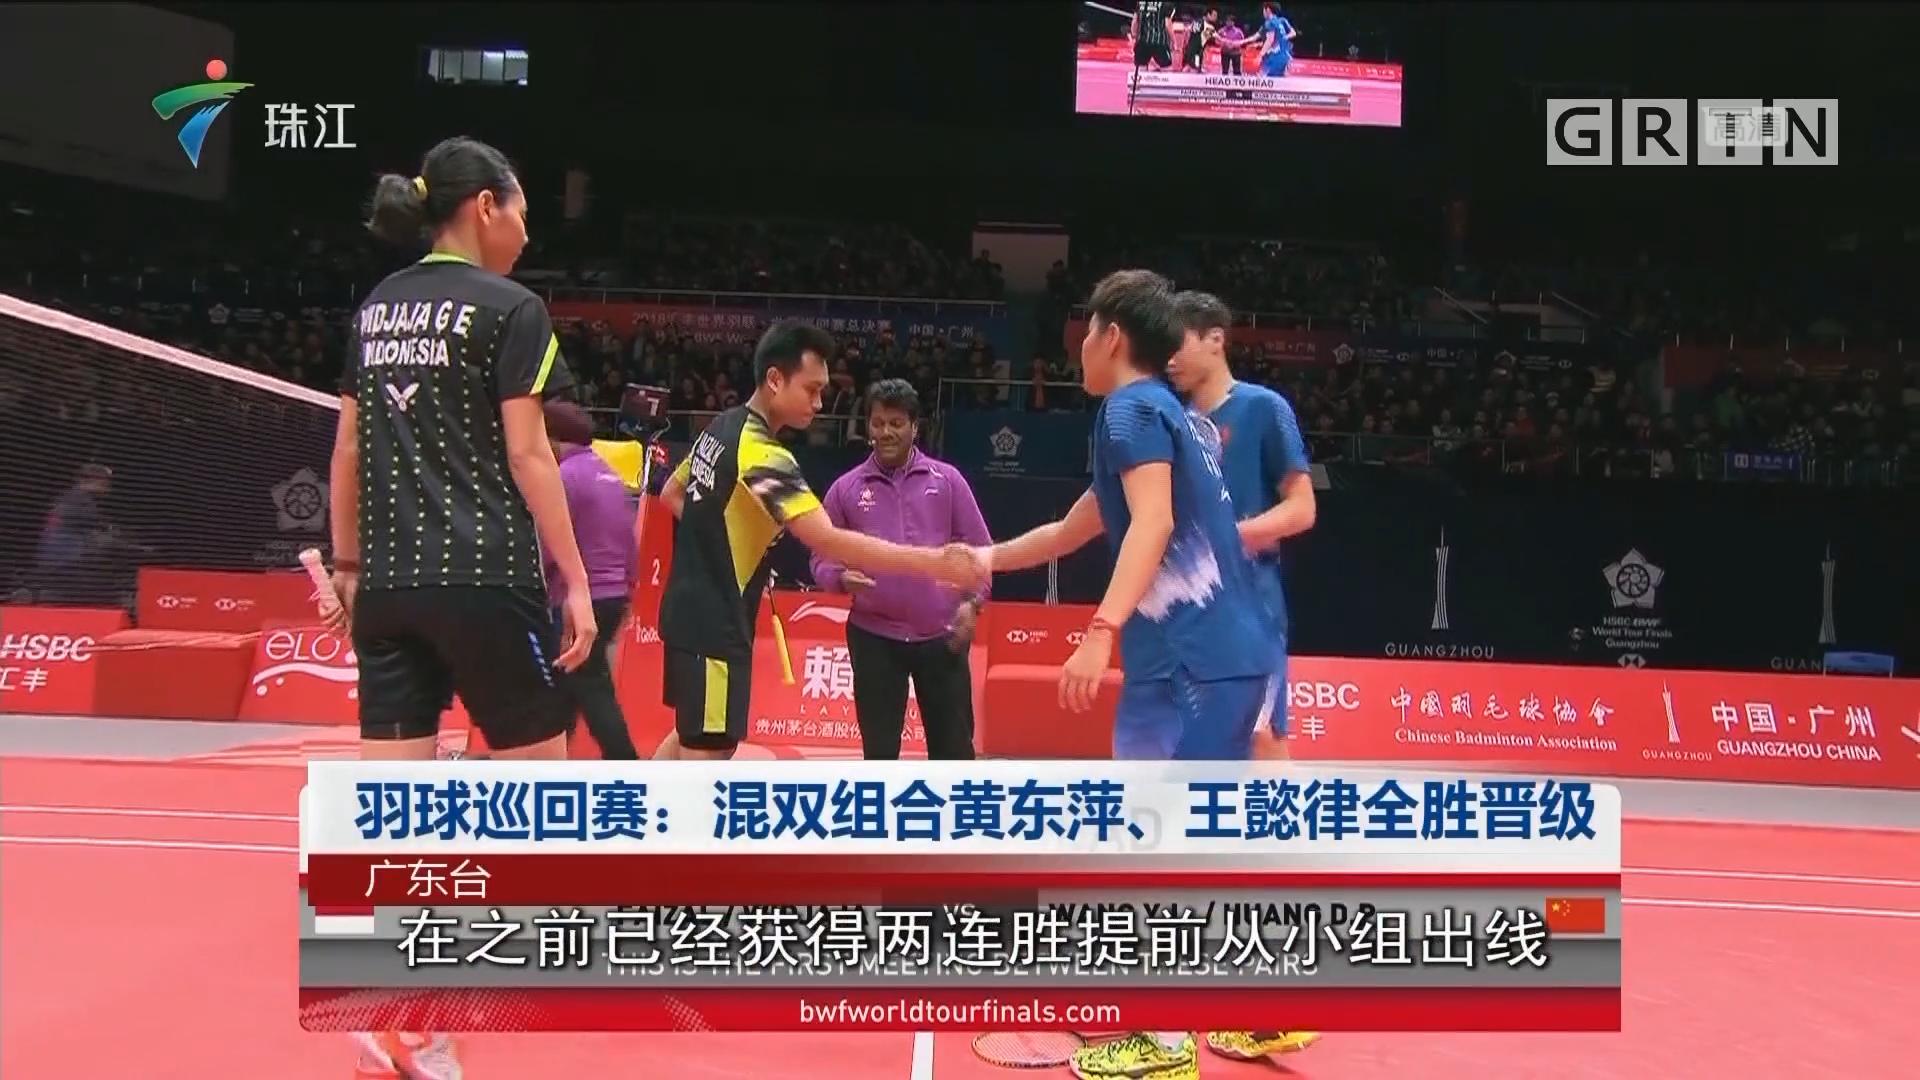 羽球巡回赛:混双组合黄东萍、王懿律全胜晋级